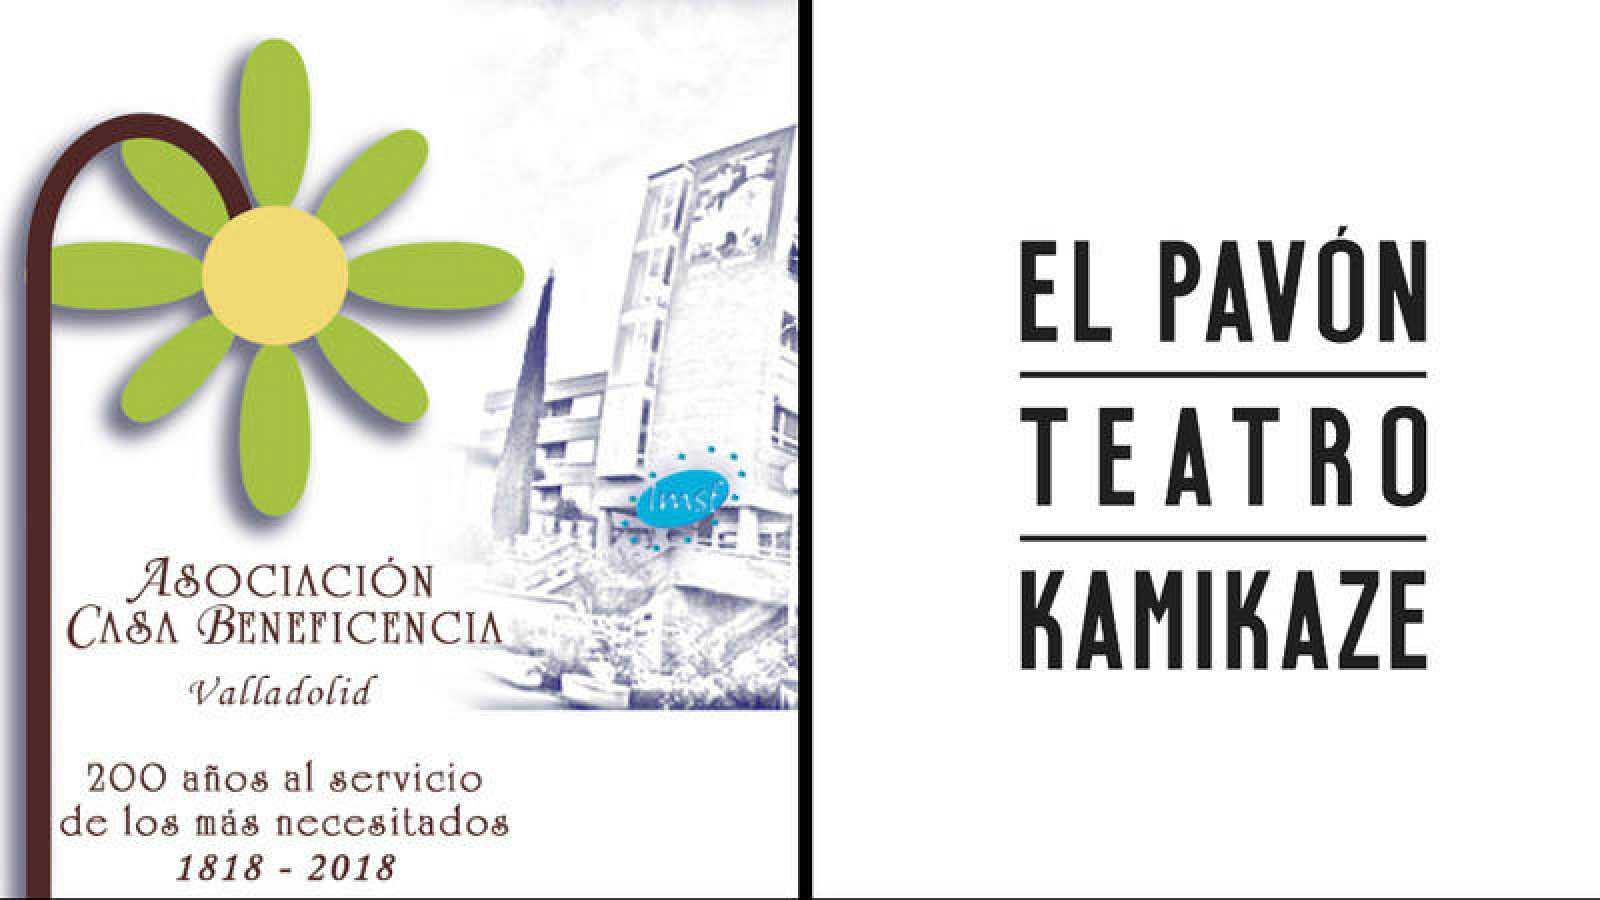 Casa de Beneficencia de Valladolid y Pavón Teatro Kamikaze